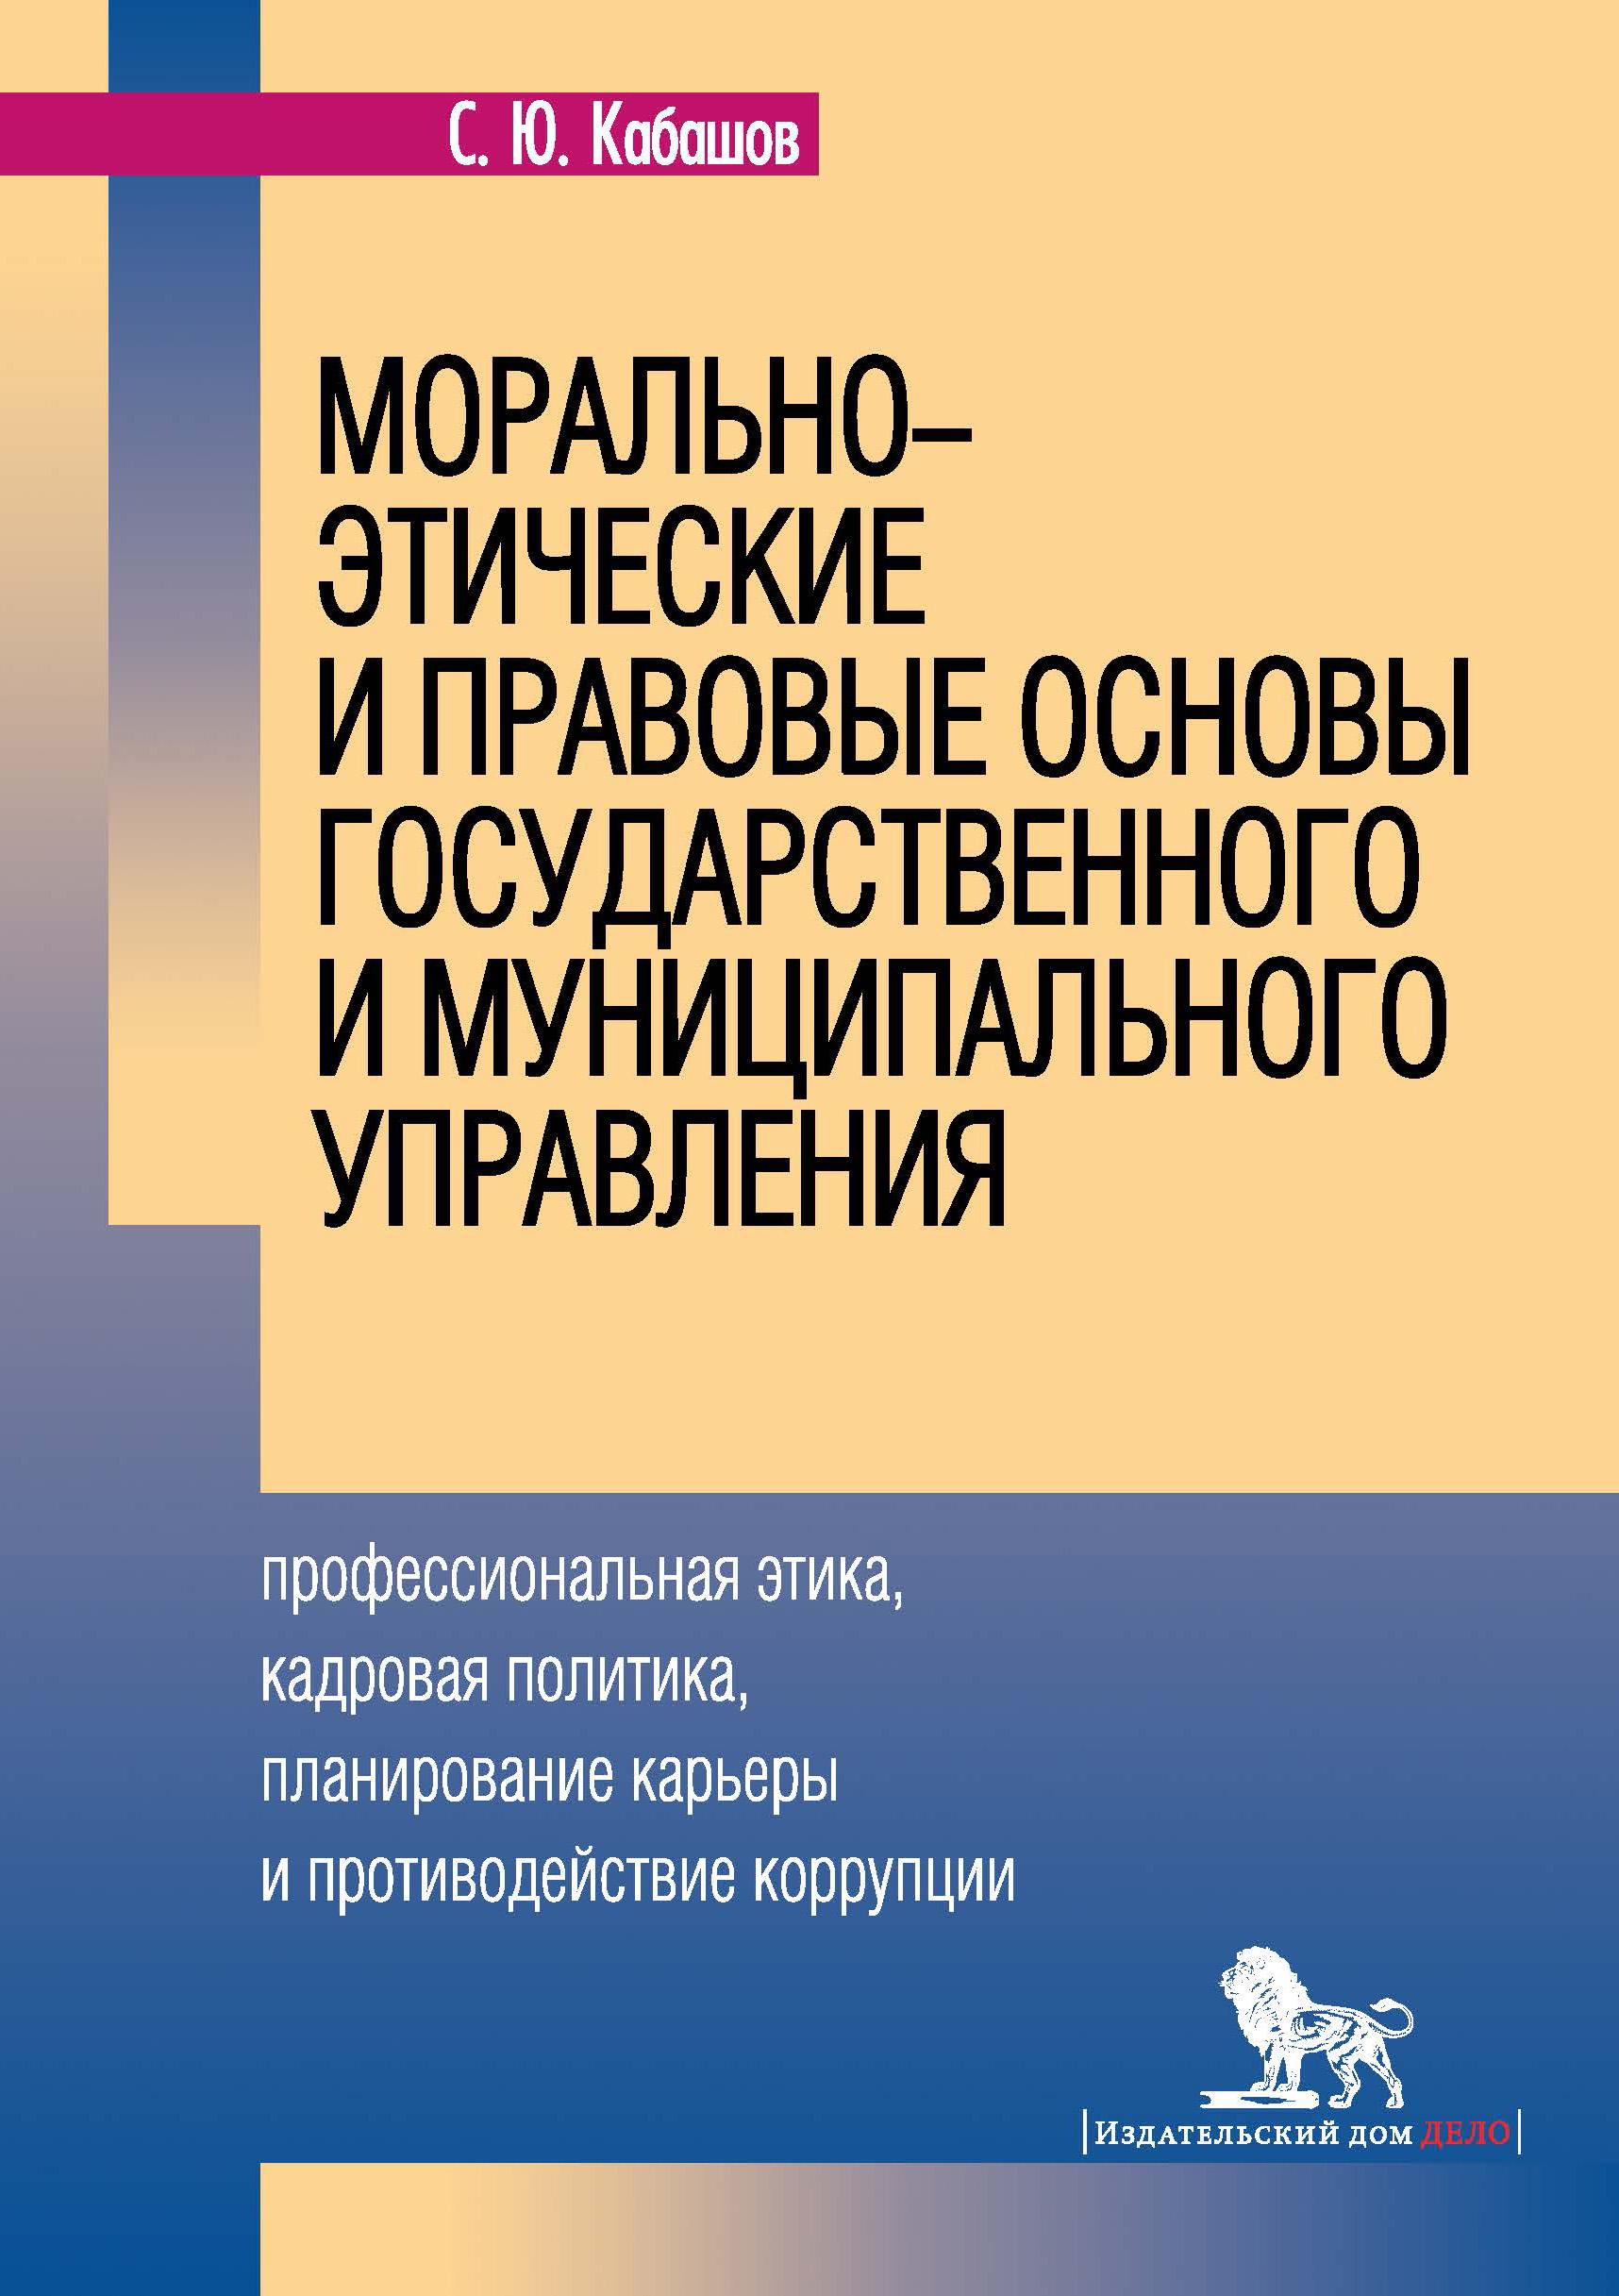 С. Ю. Кабашов Морально-этические и правовые основы государственного и муниципального управления. Профессиональная этика, кадровая политика, планирование карьеры и противодействие коррупции правовые основы профессиональной